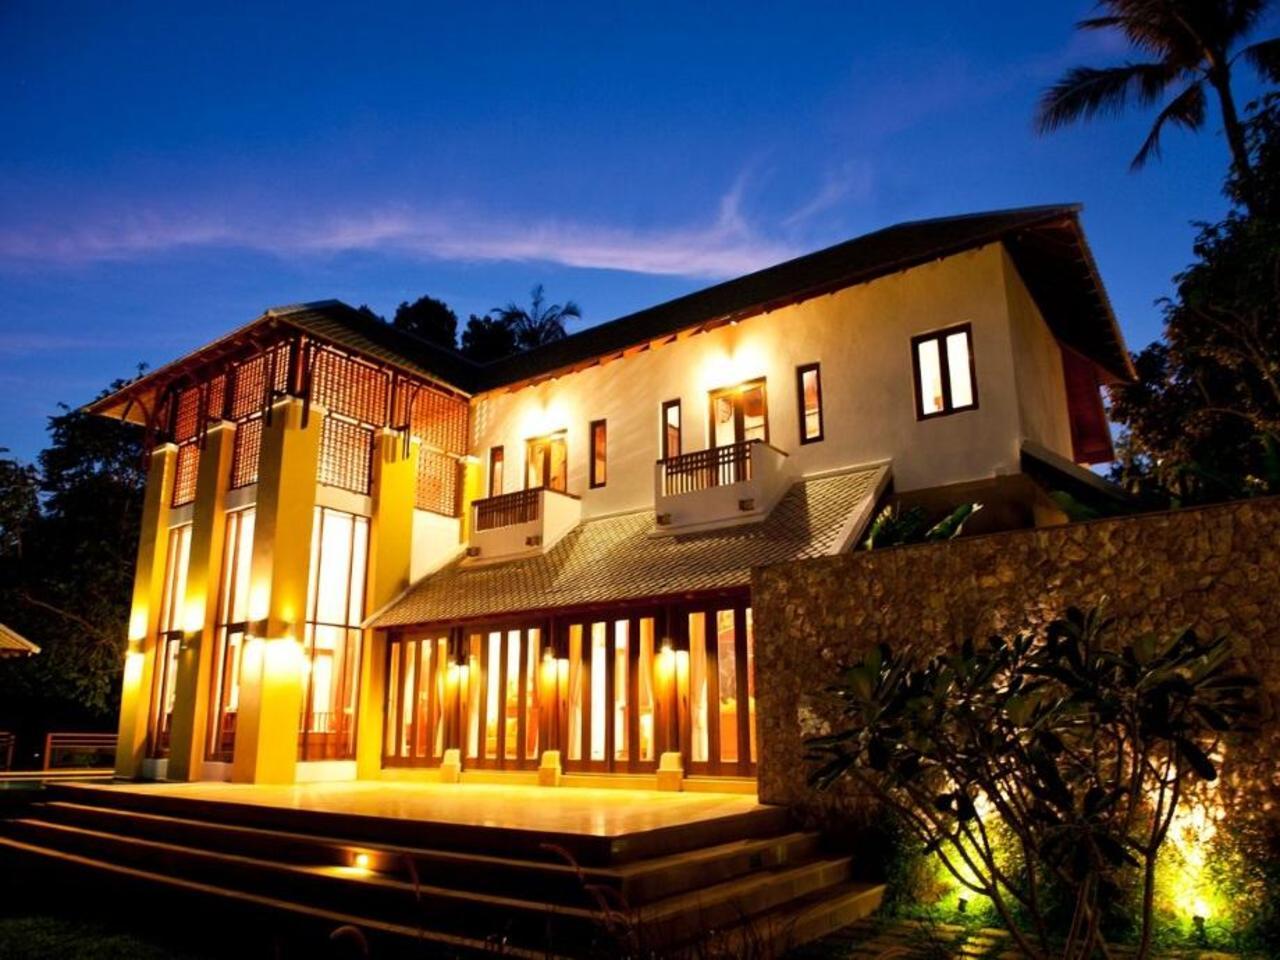 ราชพฤกษ์ ไพรเวท พูล วิลลา บาย ปวัณธร (Ratchaphruek Private Pool Villa by Pawanthorn)